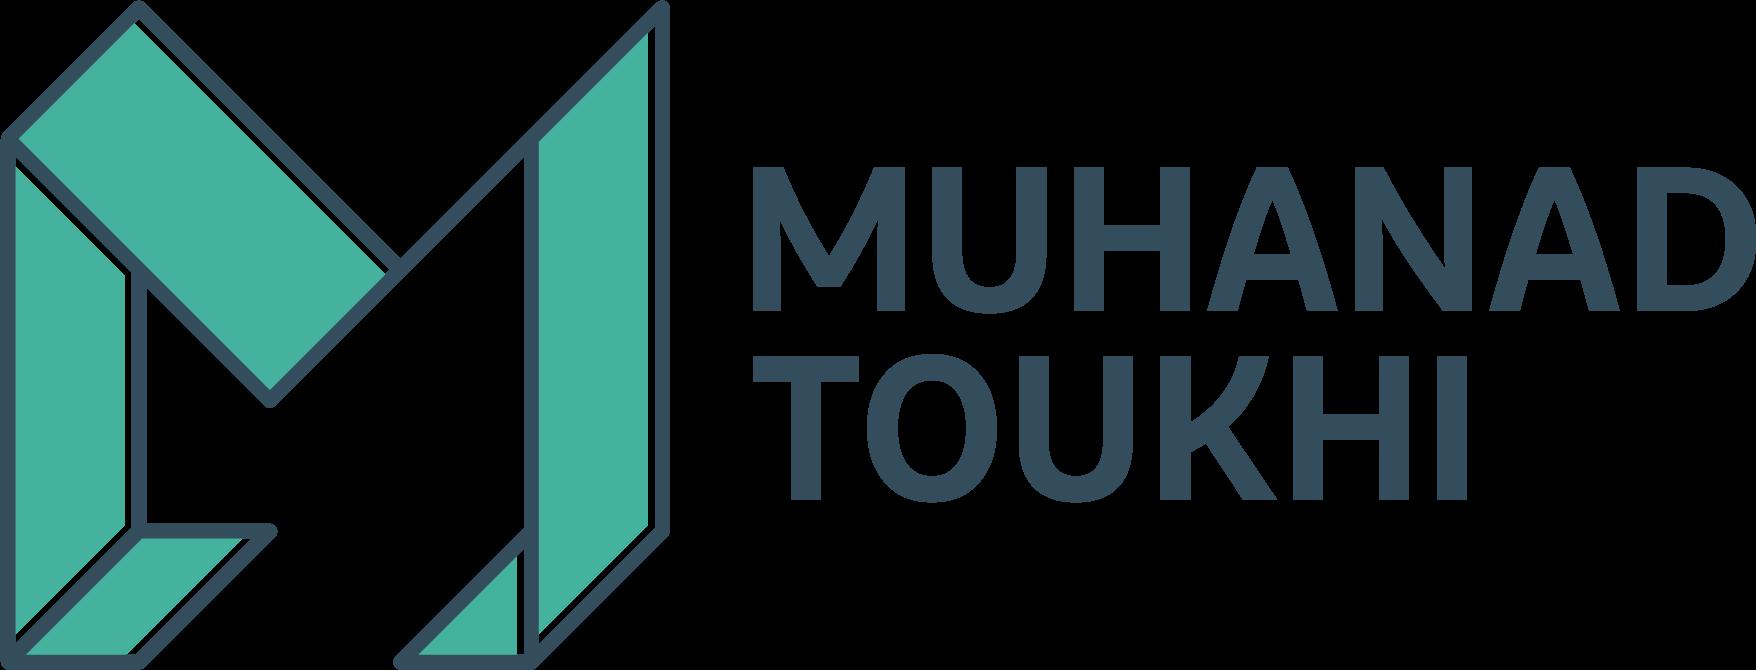 Muhanad Toukhi